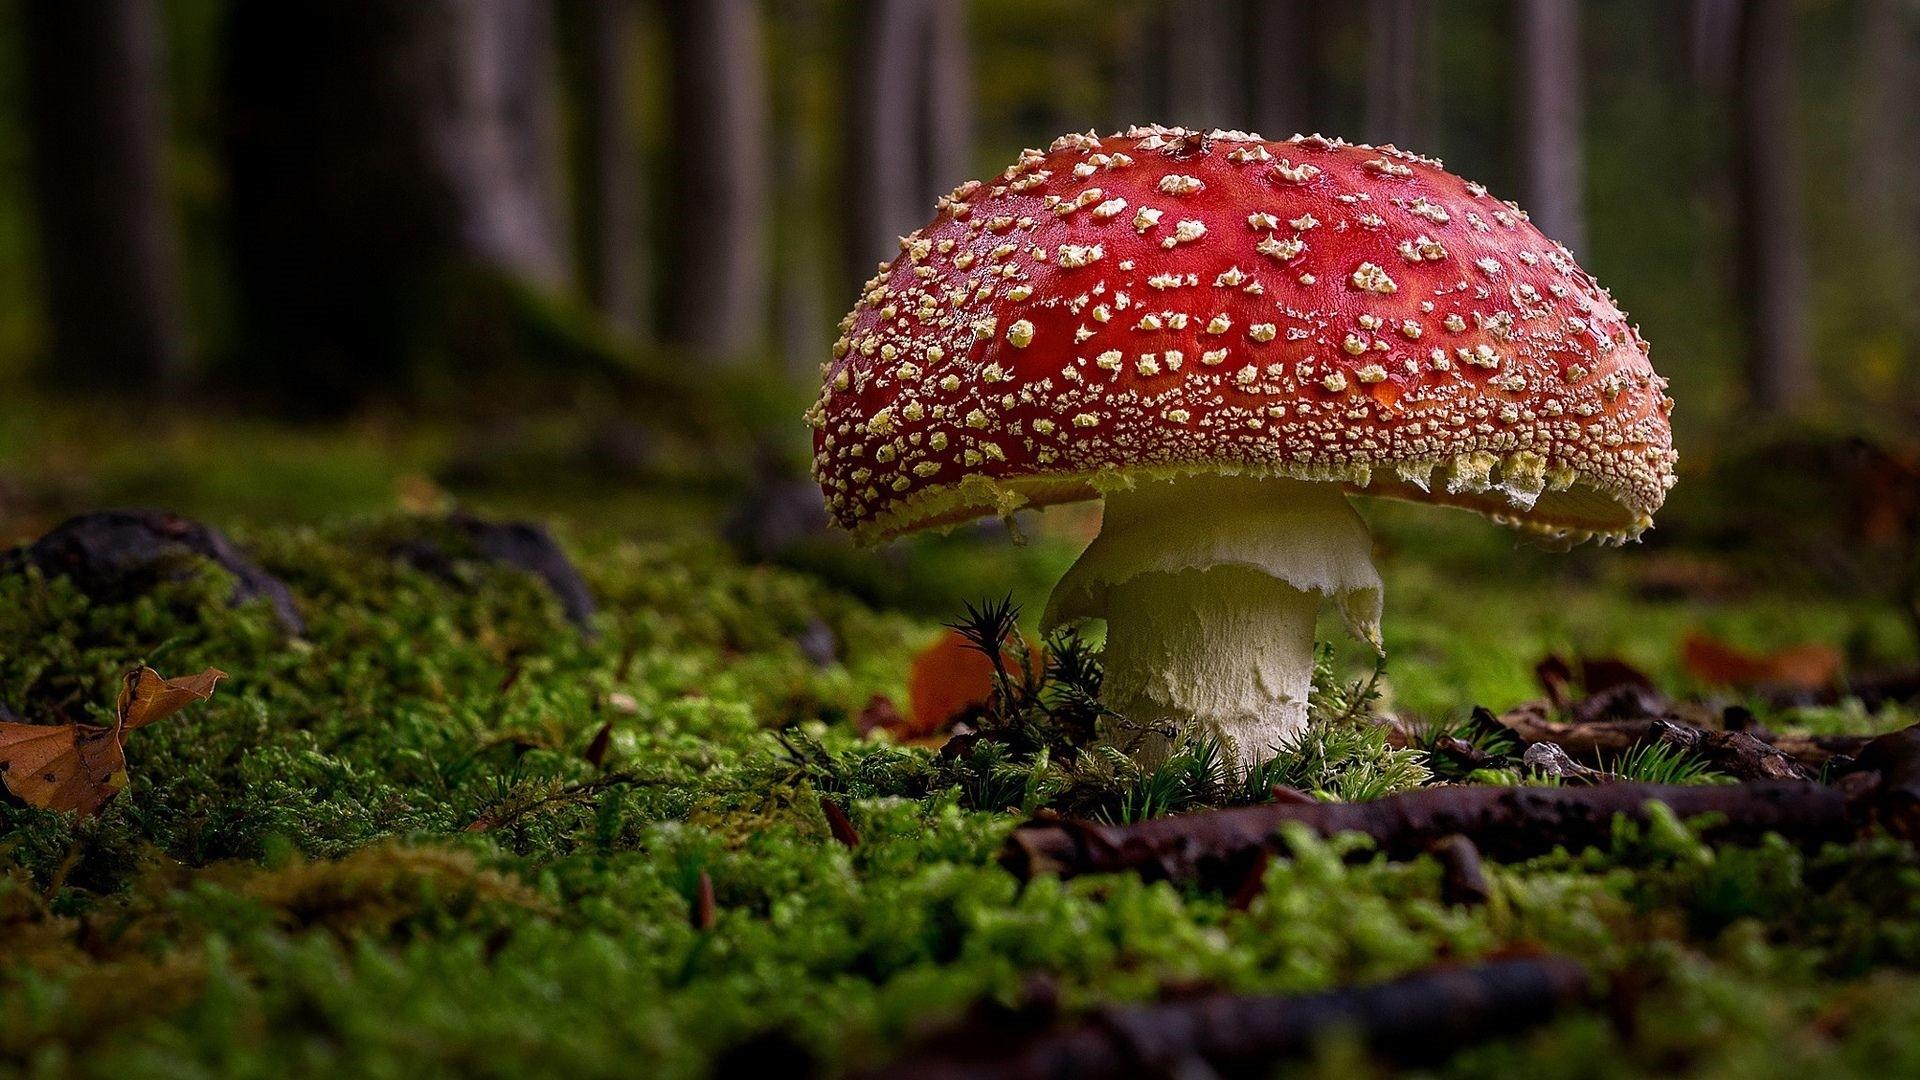 Mushroom computer wallpaper